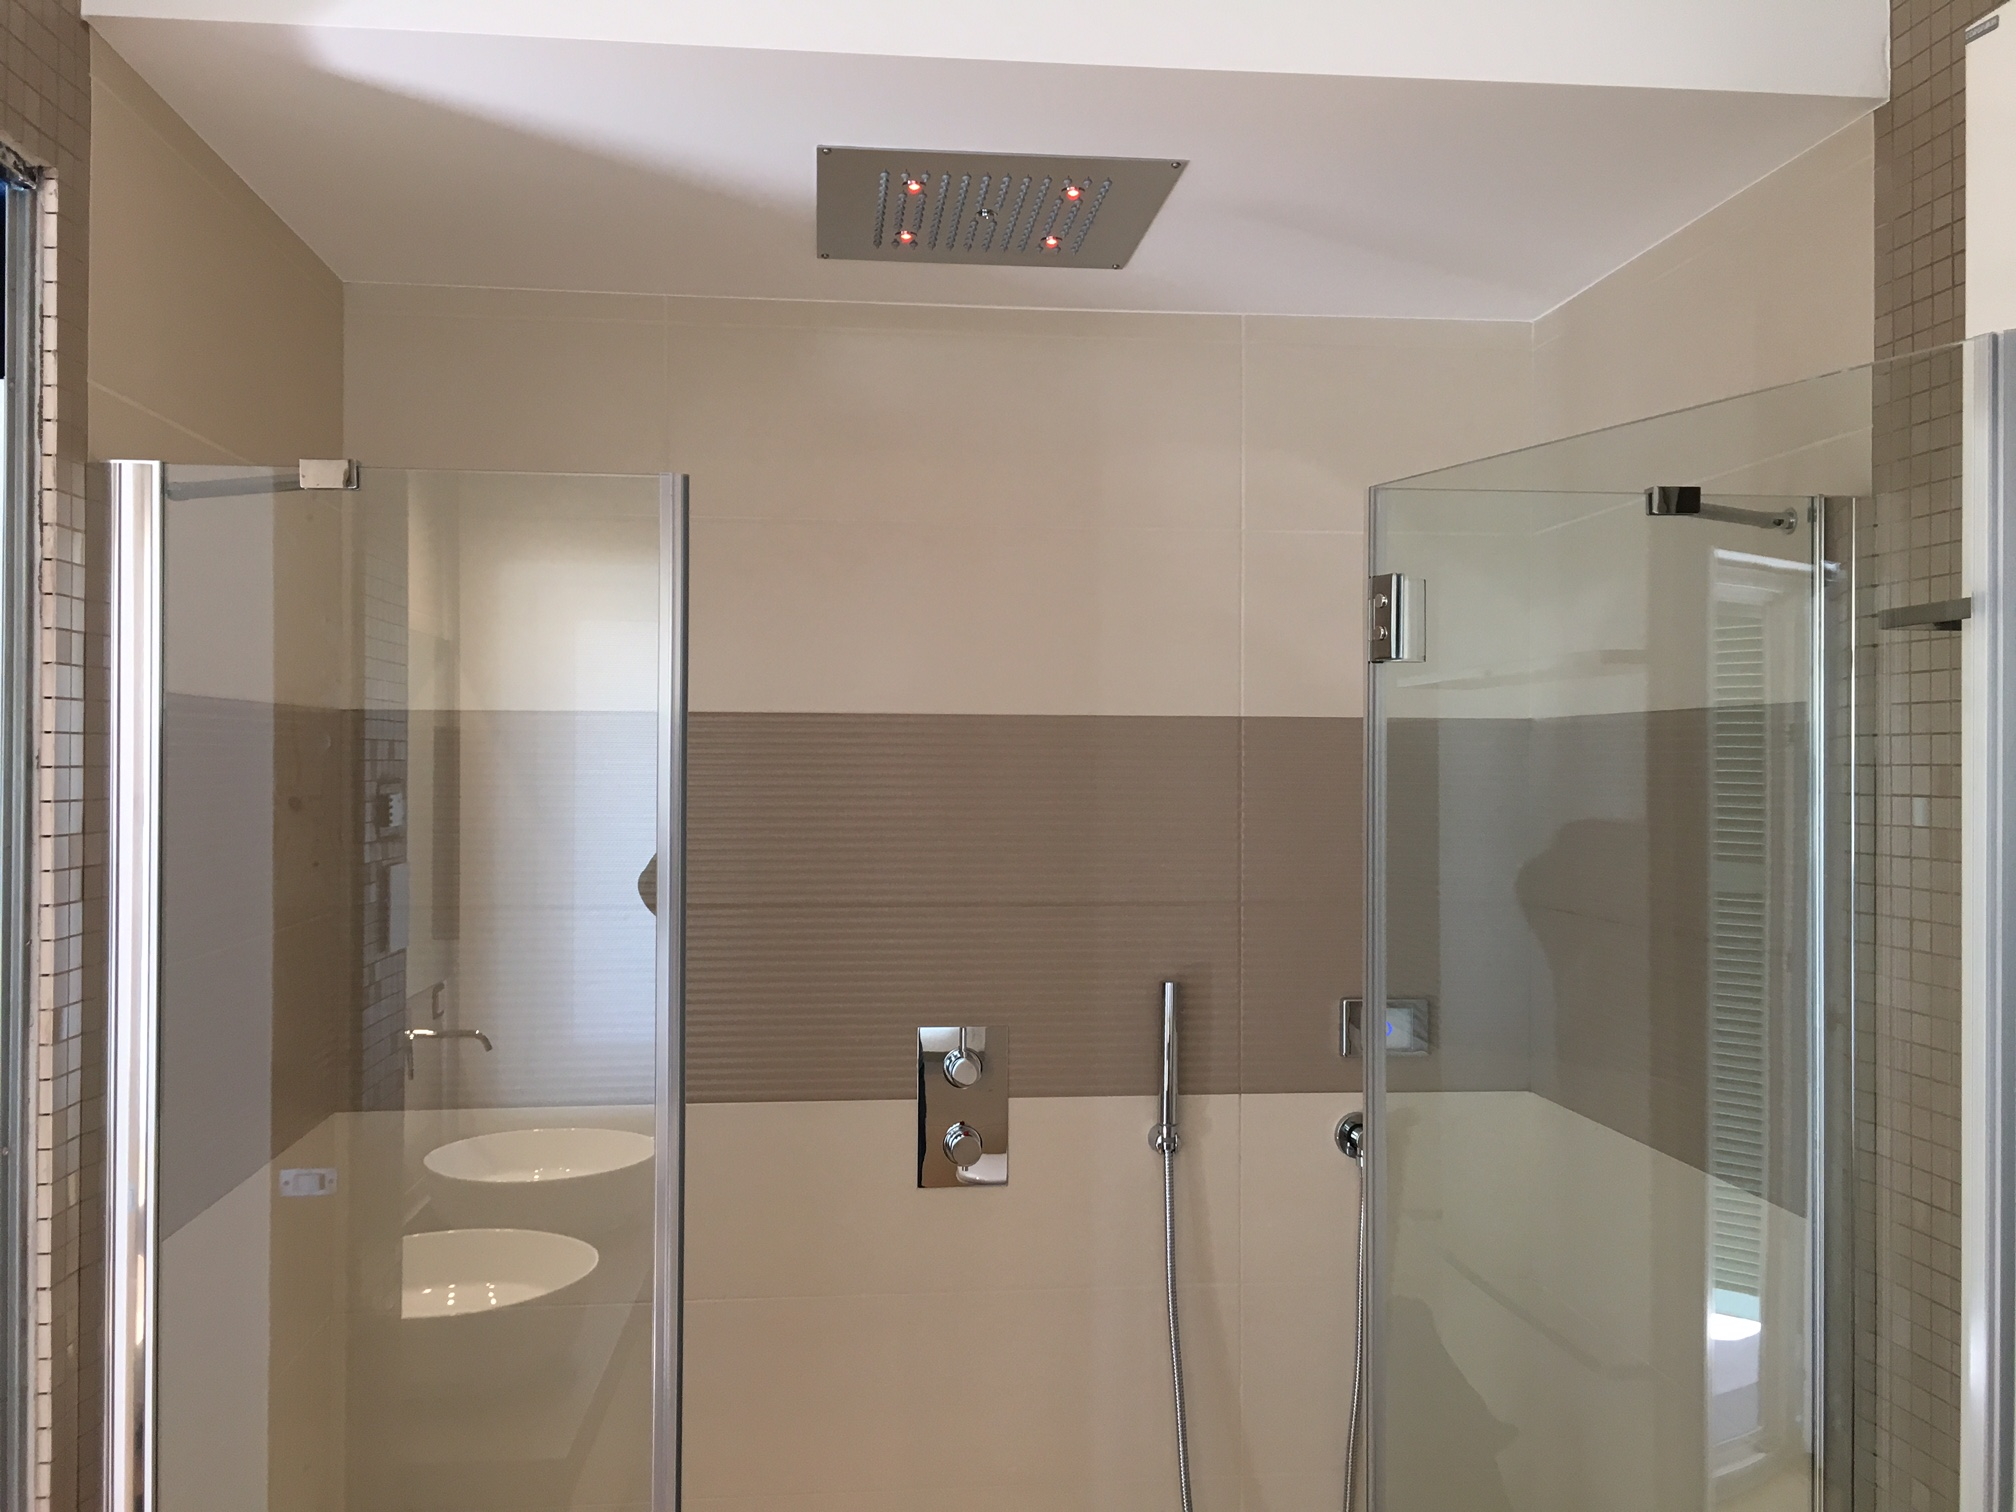 TemaLiving Arredamento e illuminazione Residenza Lux Cosenza